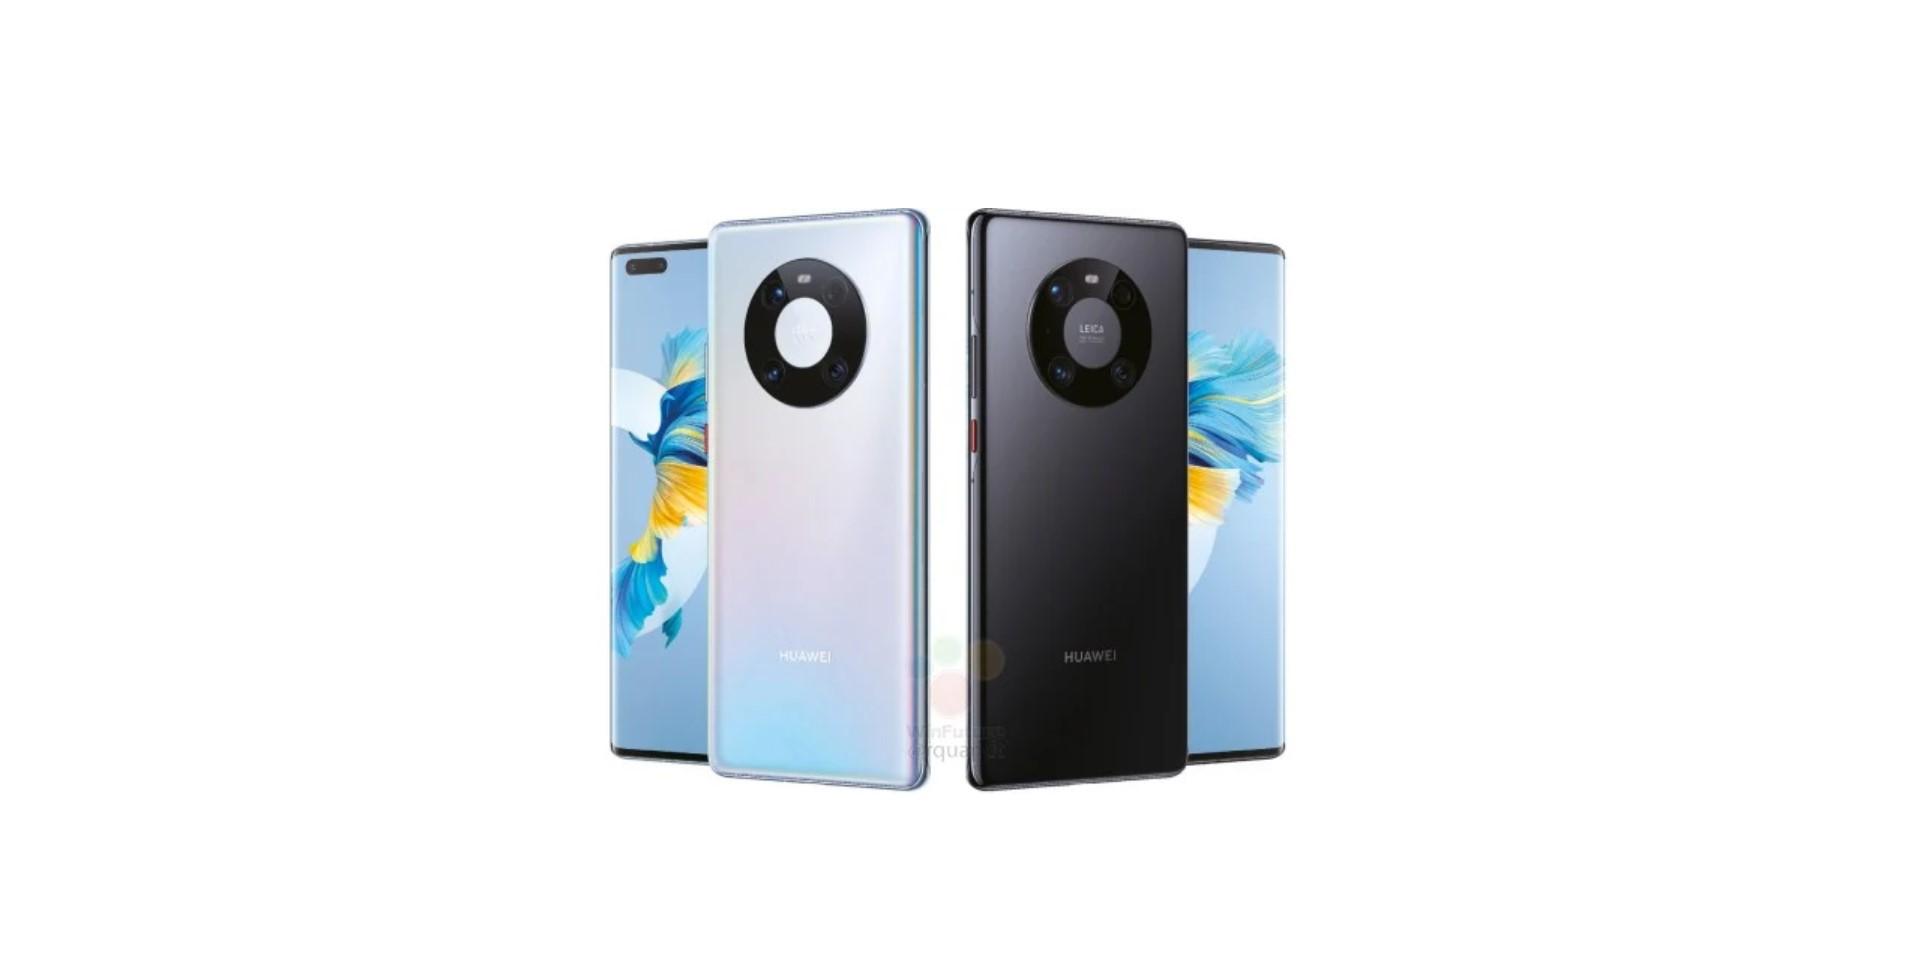 Huawei představí sérii Mate 40 již 22. října [aktualizováno]